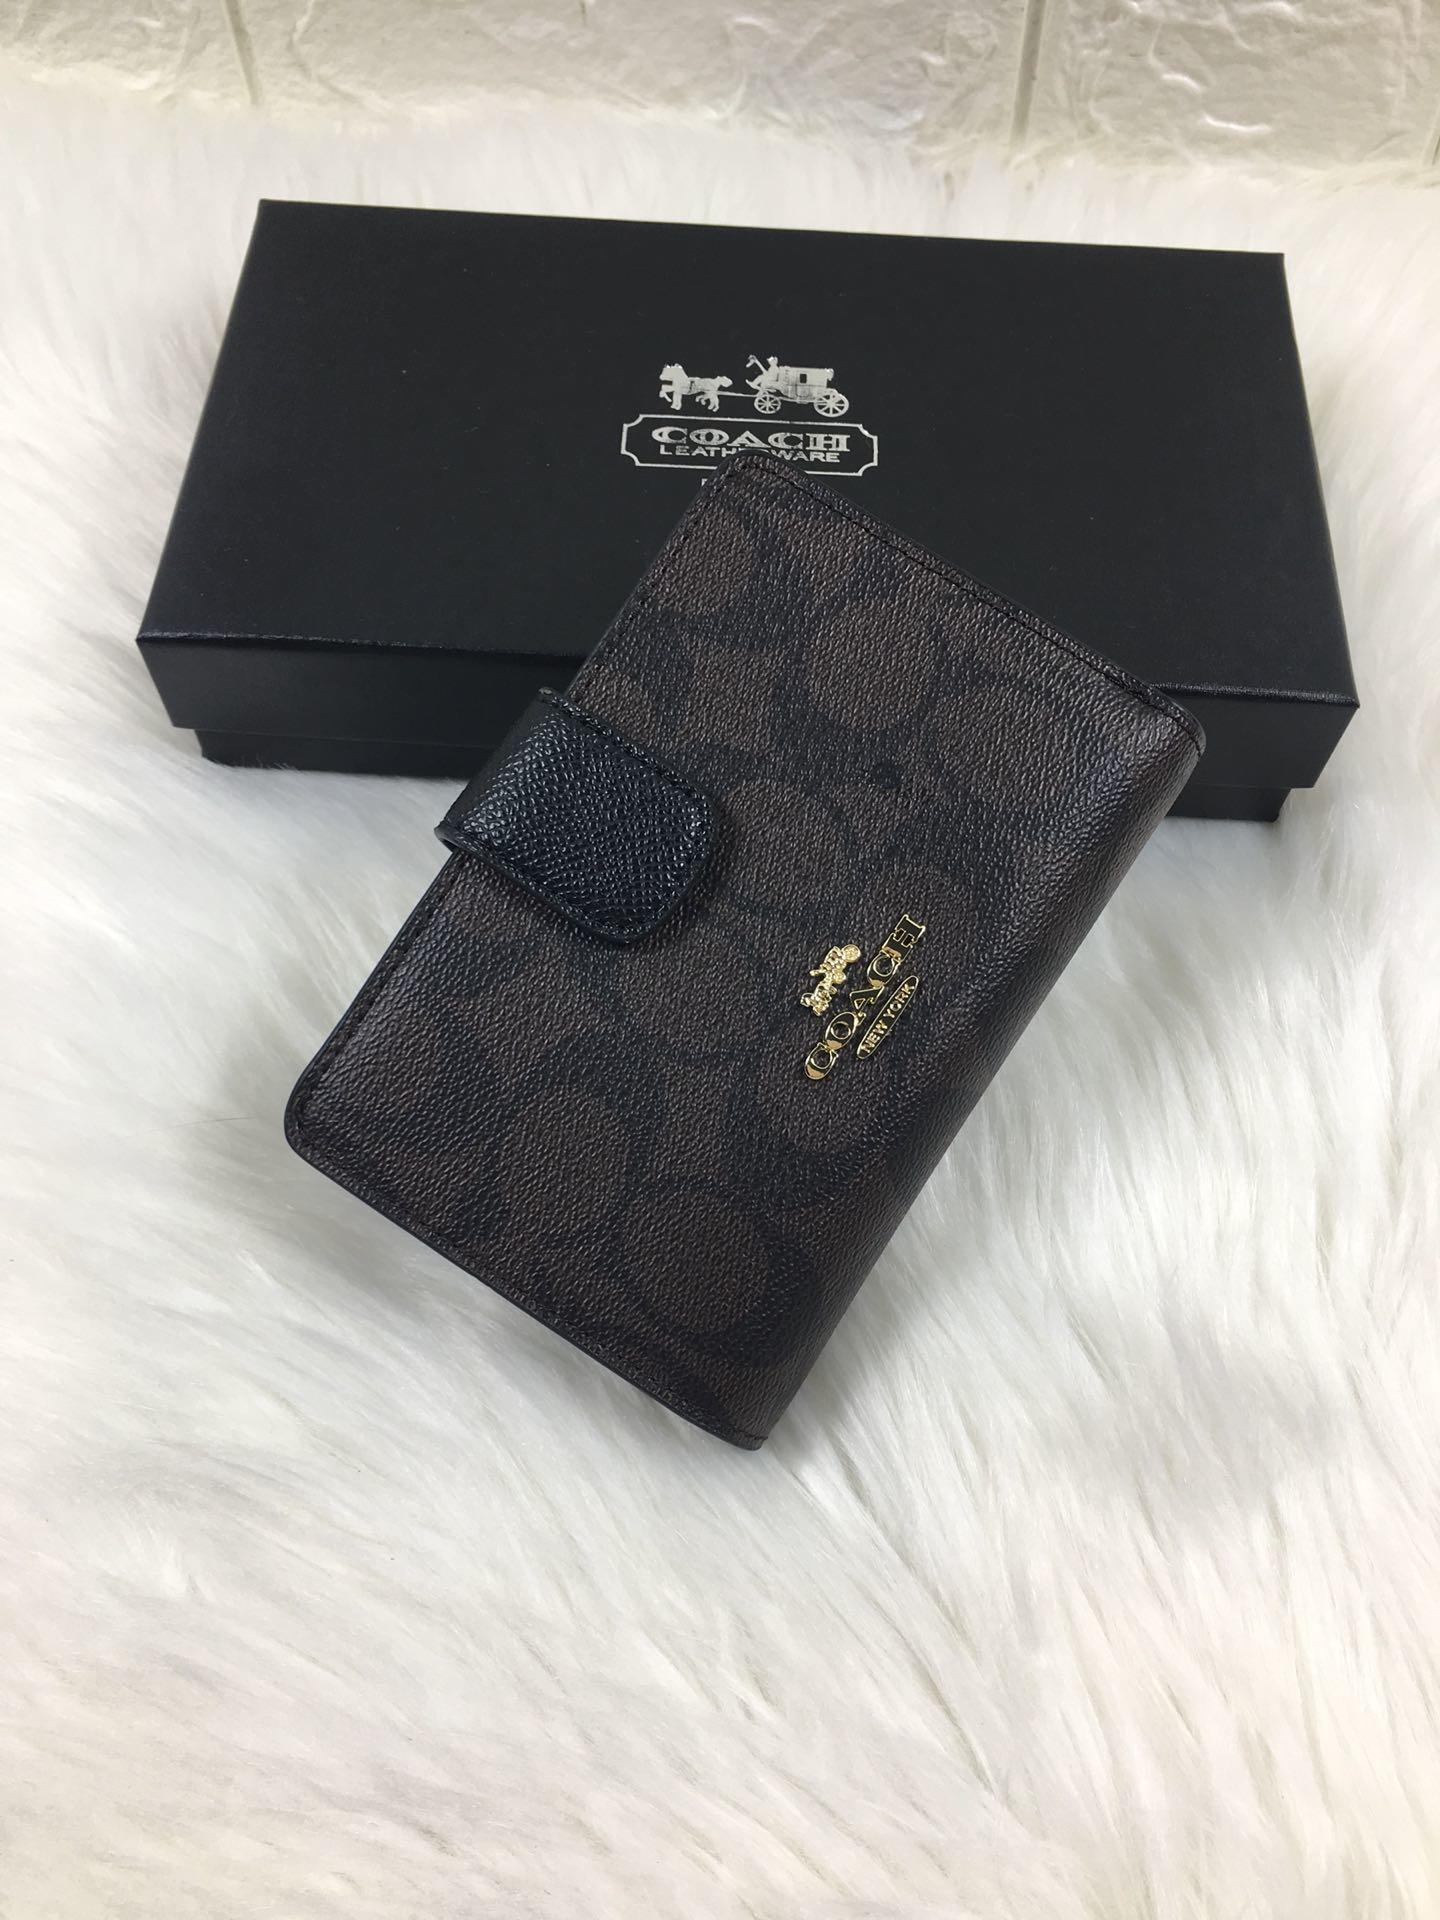 2019 COACH_Original Men's Leather Wallet